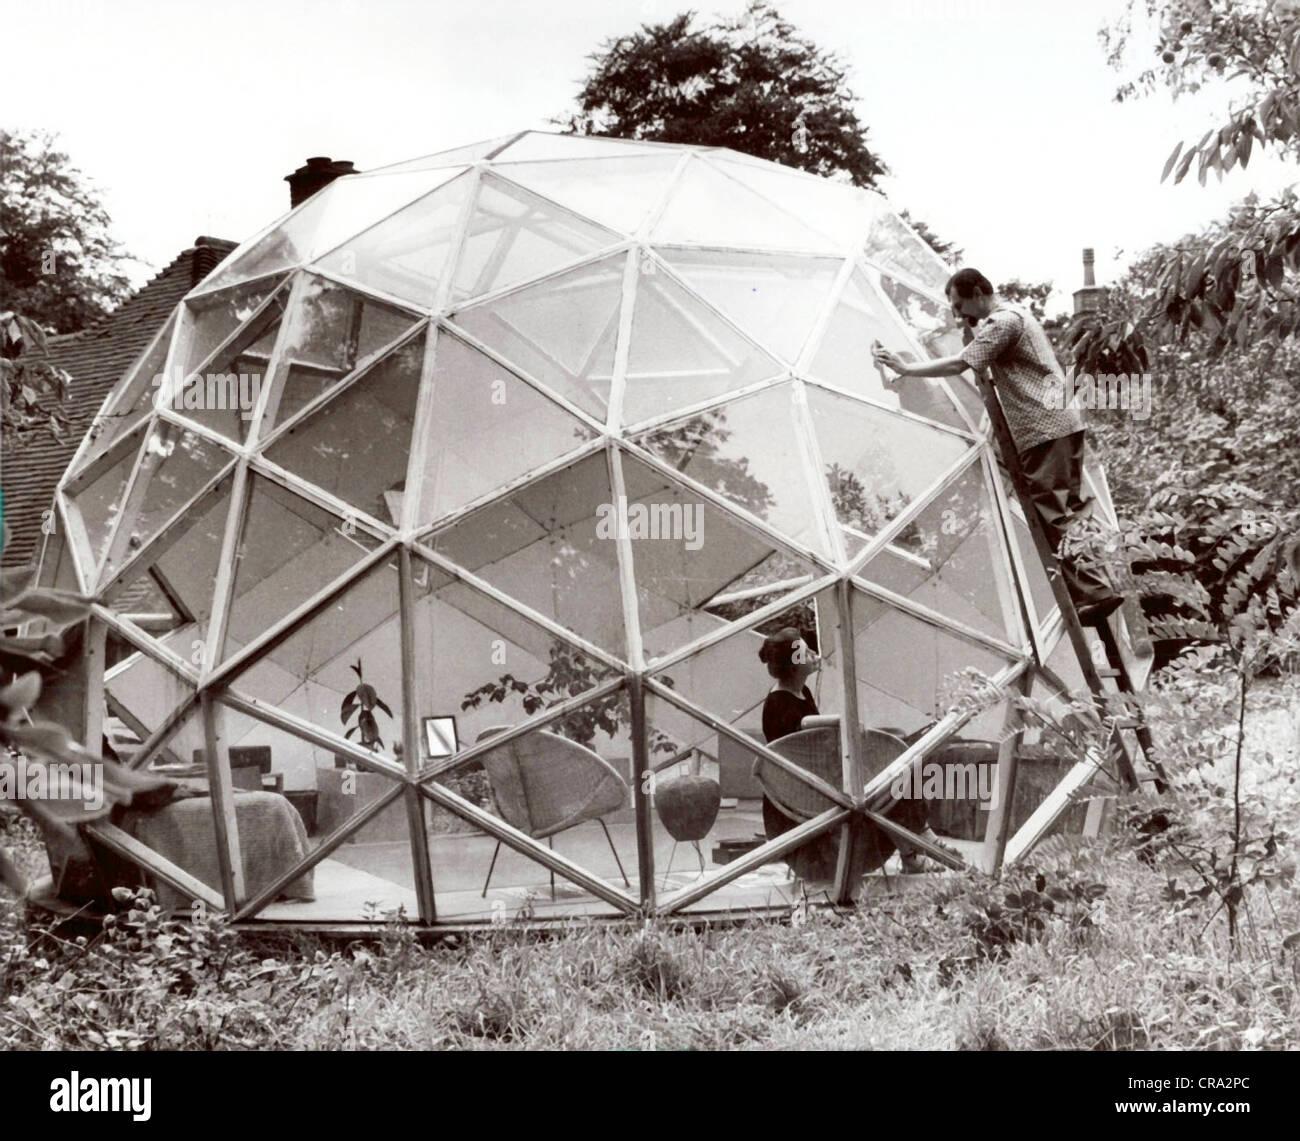 Geodätische Kuppel mann die reinigung fenstern auf geodätische kuppel haus